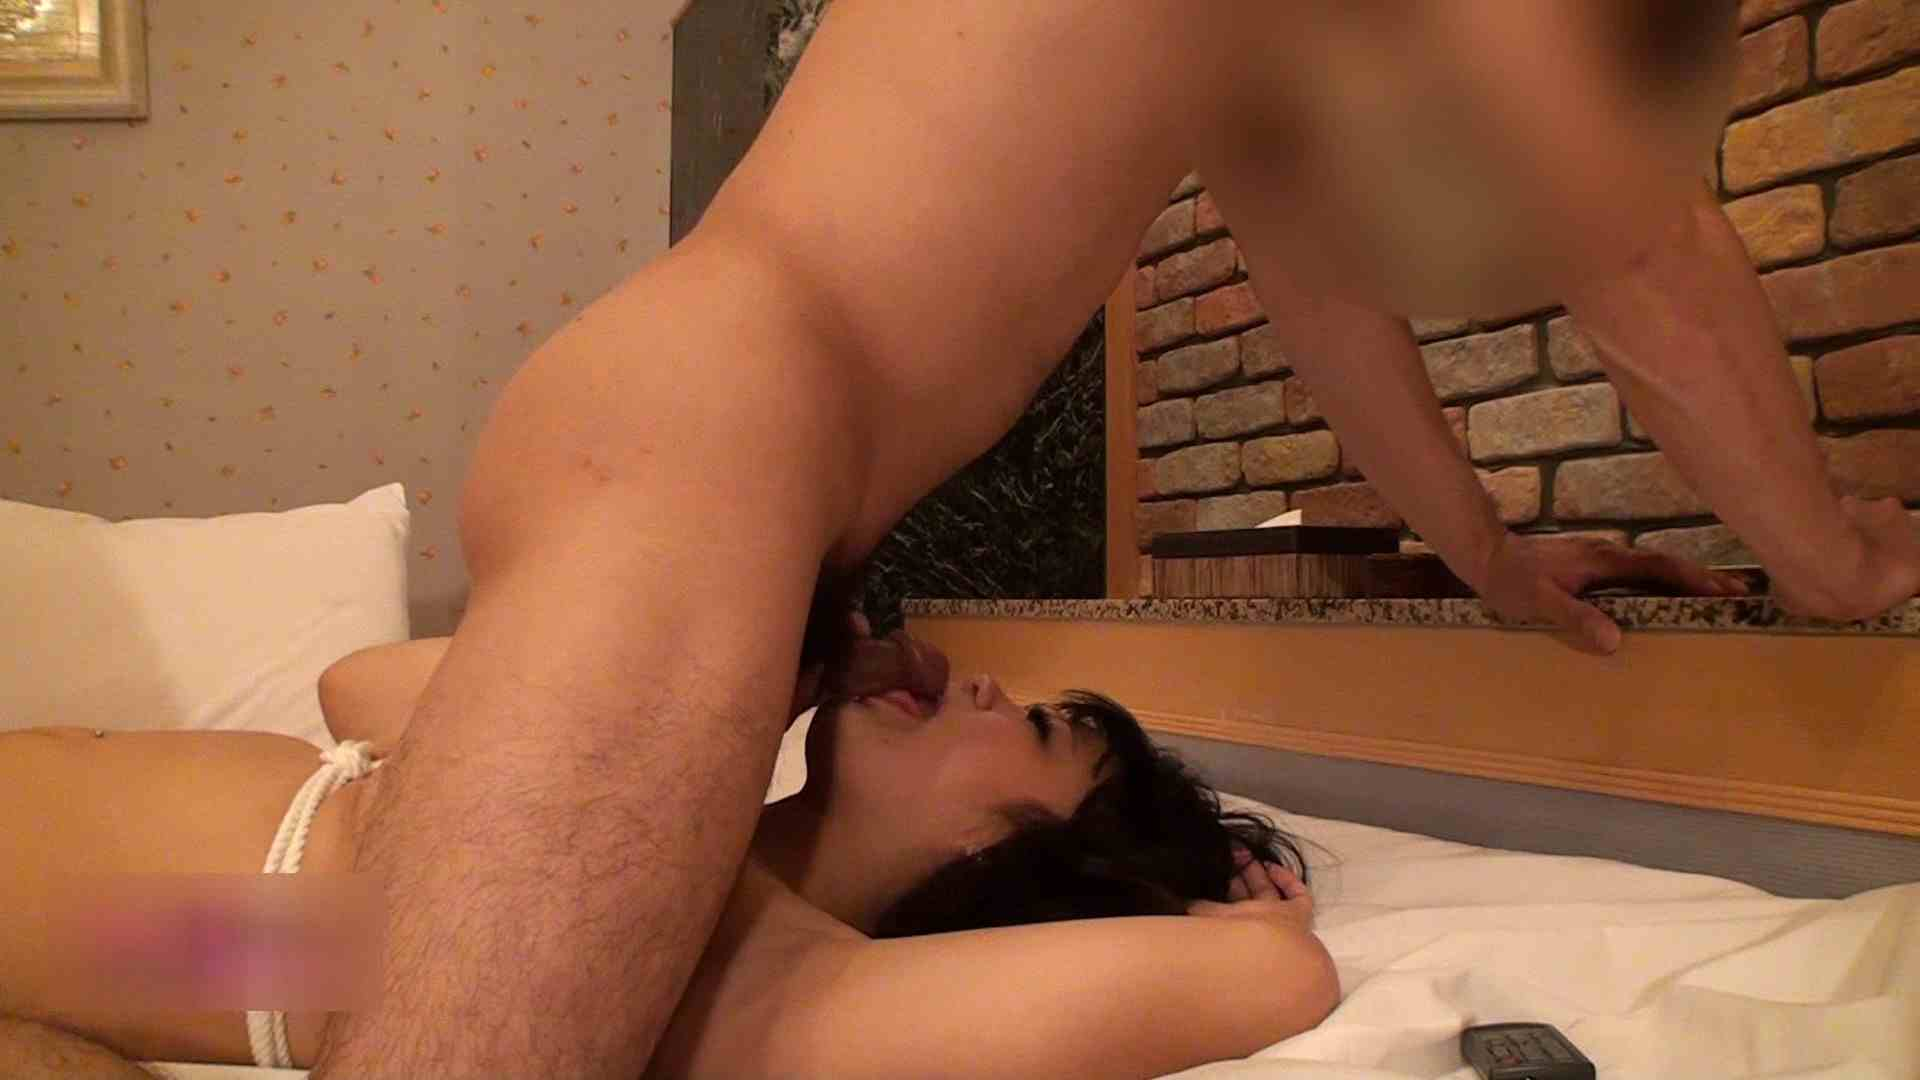 ギャルにしたいエロい事 Vol.07 後編 OL裸体   ギャル達のセックス  89画像 30